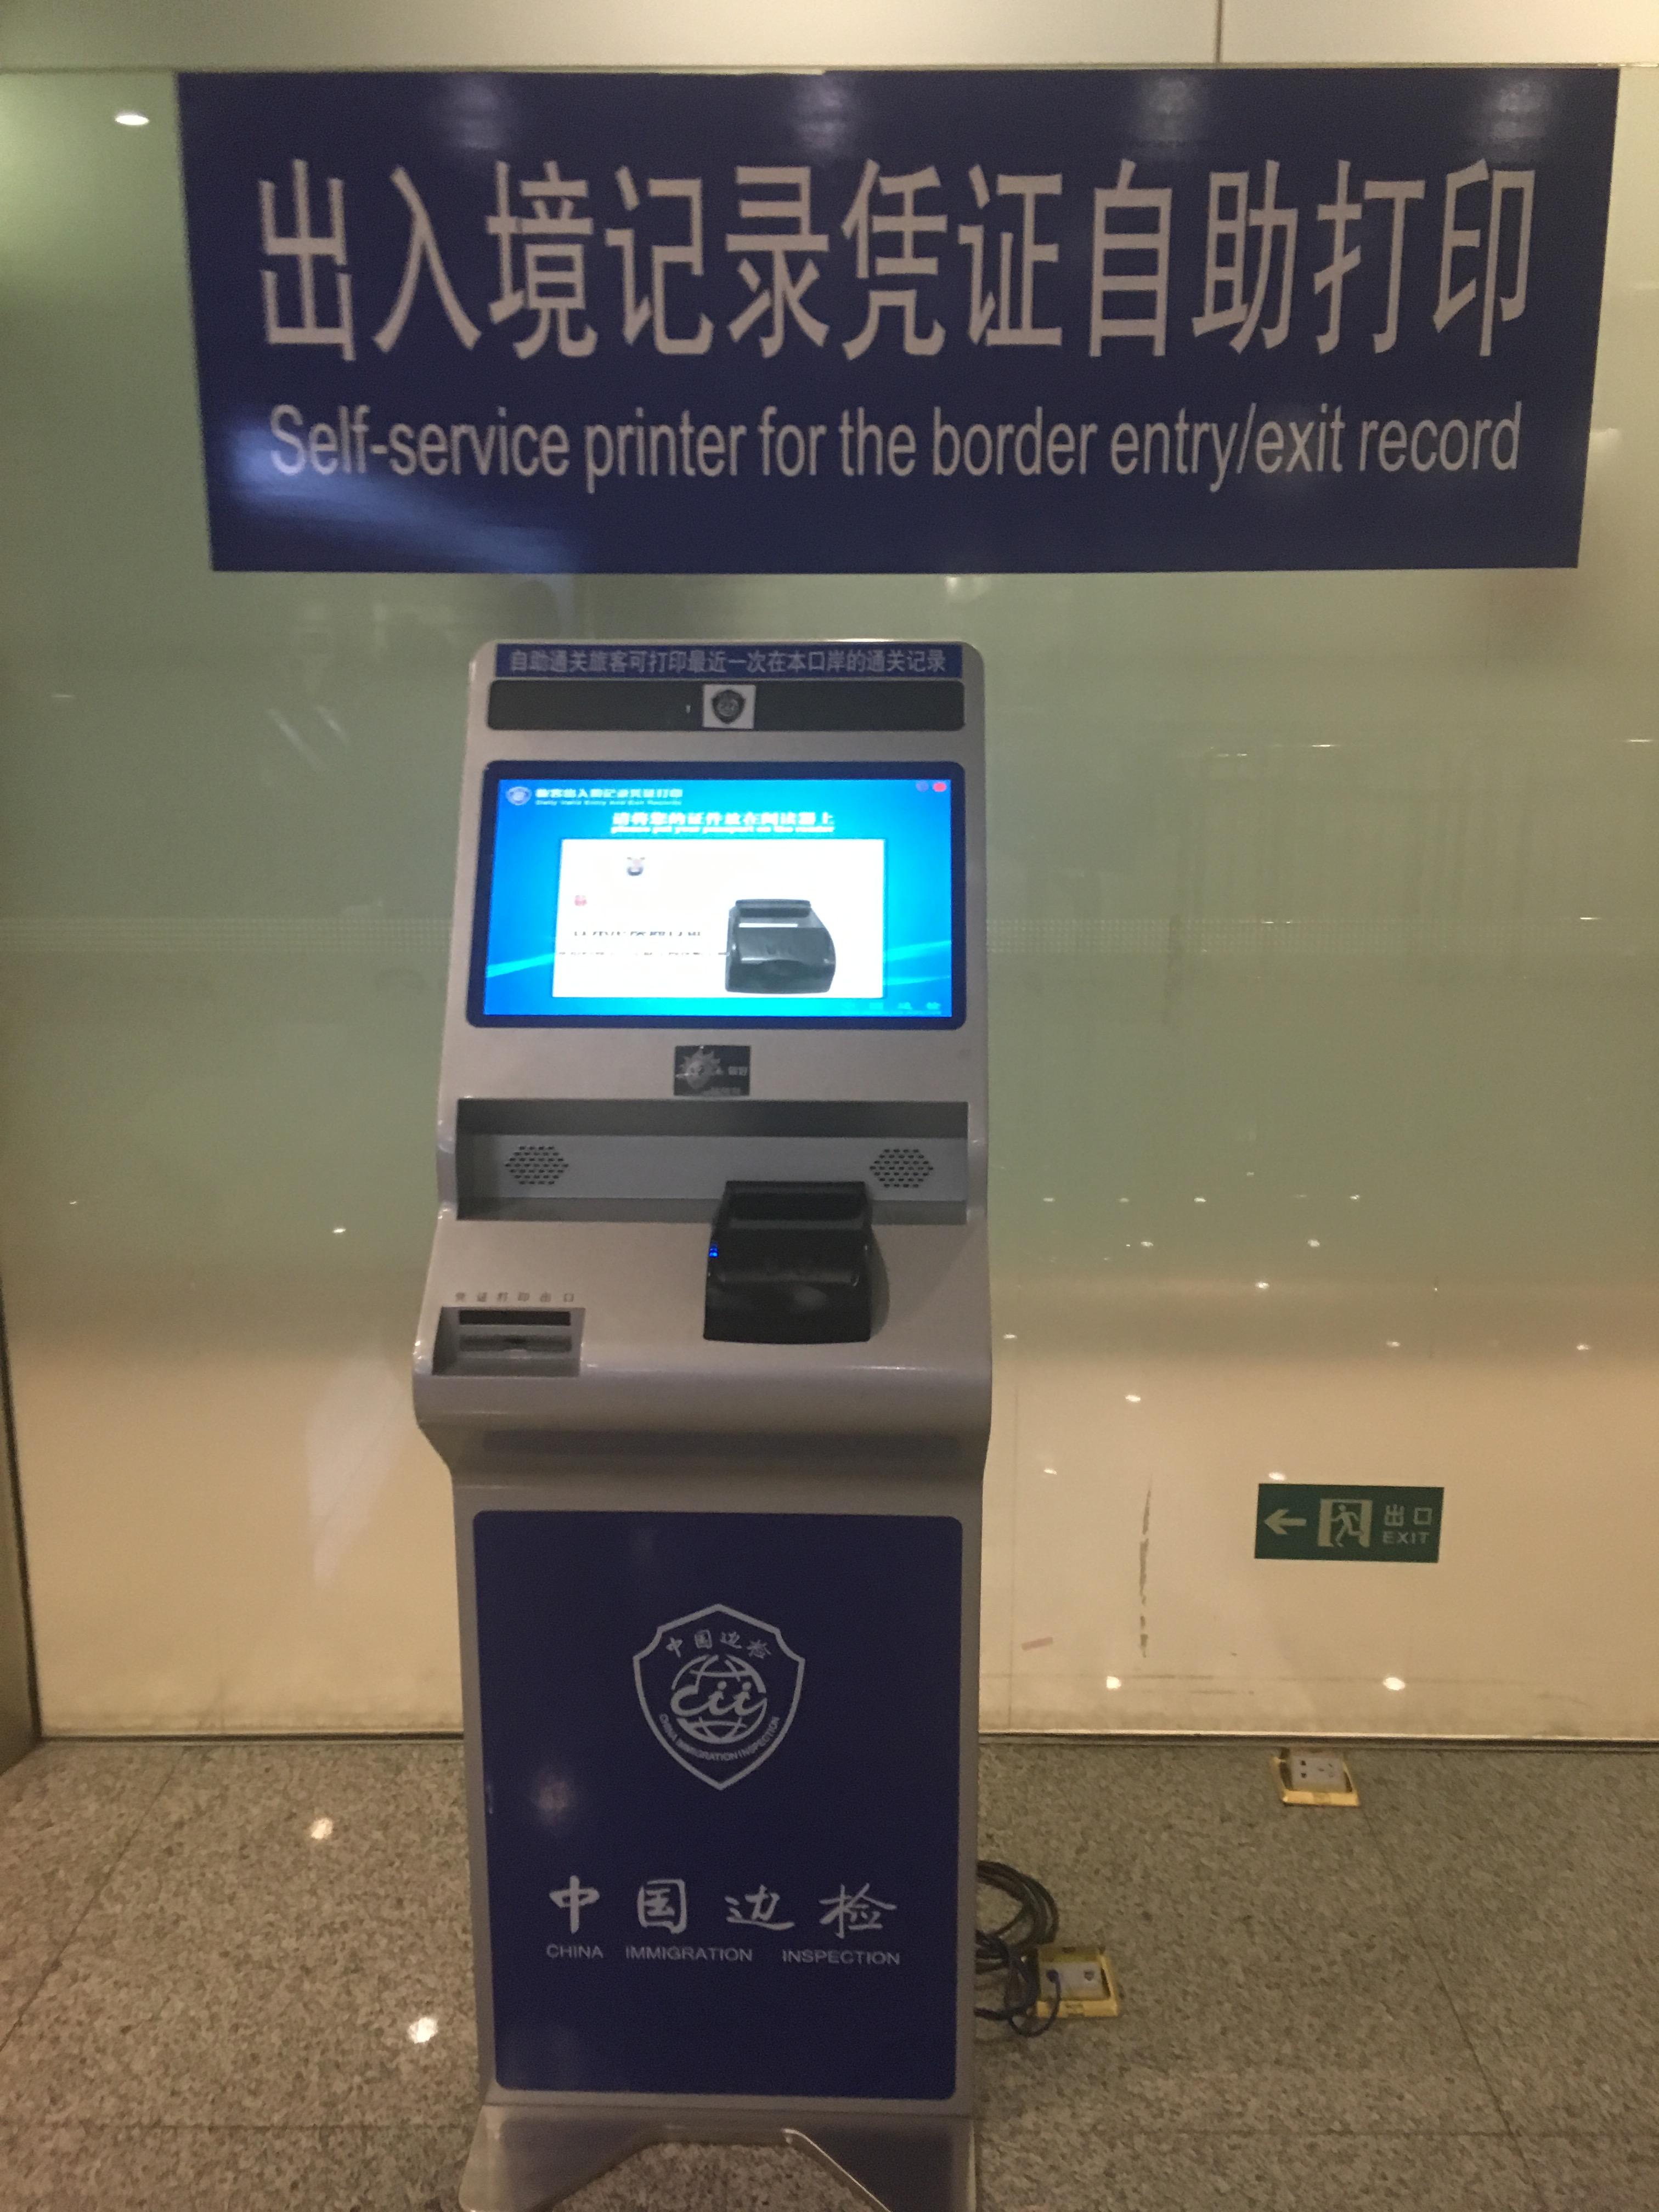 出入境记录凭证